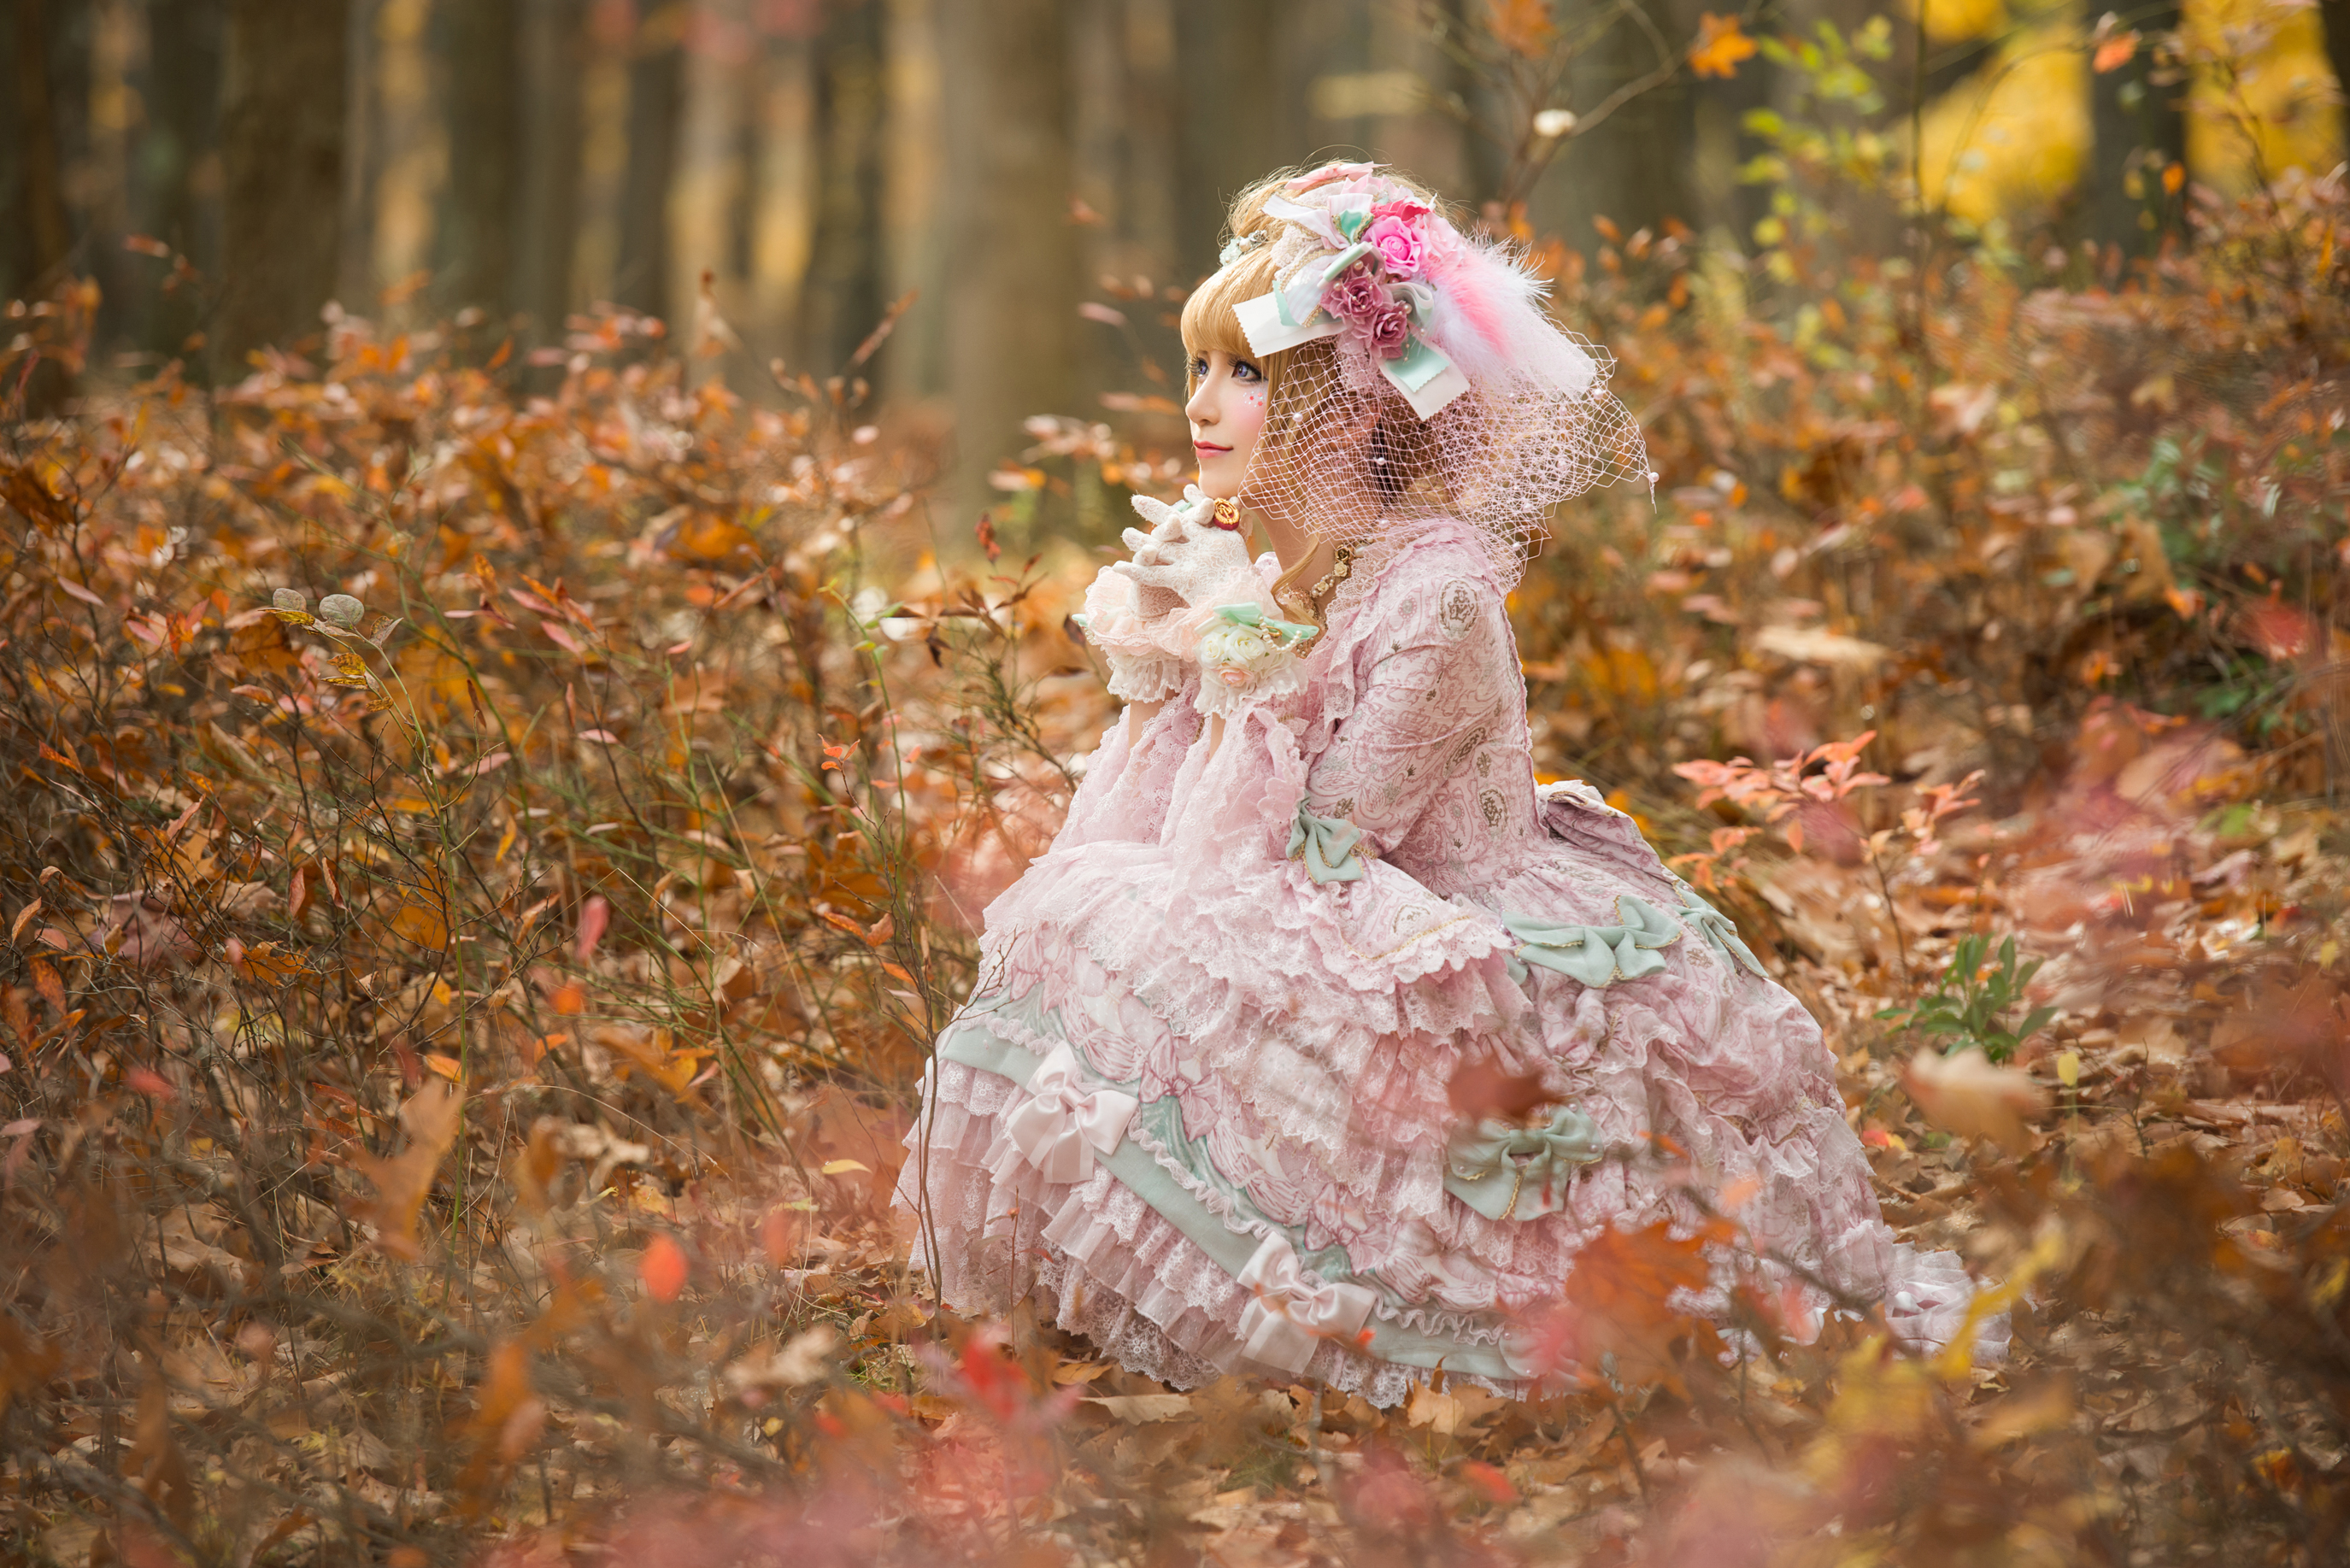 LolitaFashion_by_CurtisPan_09